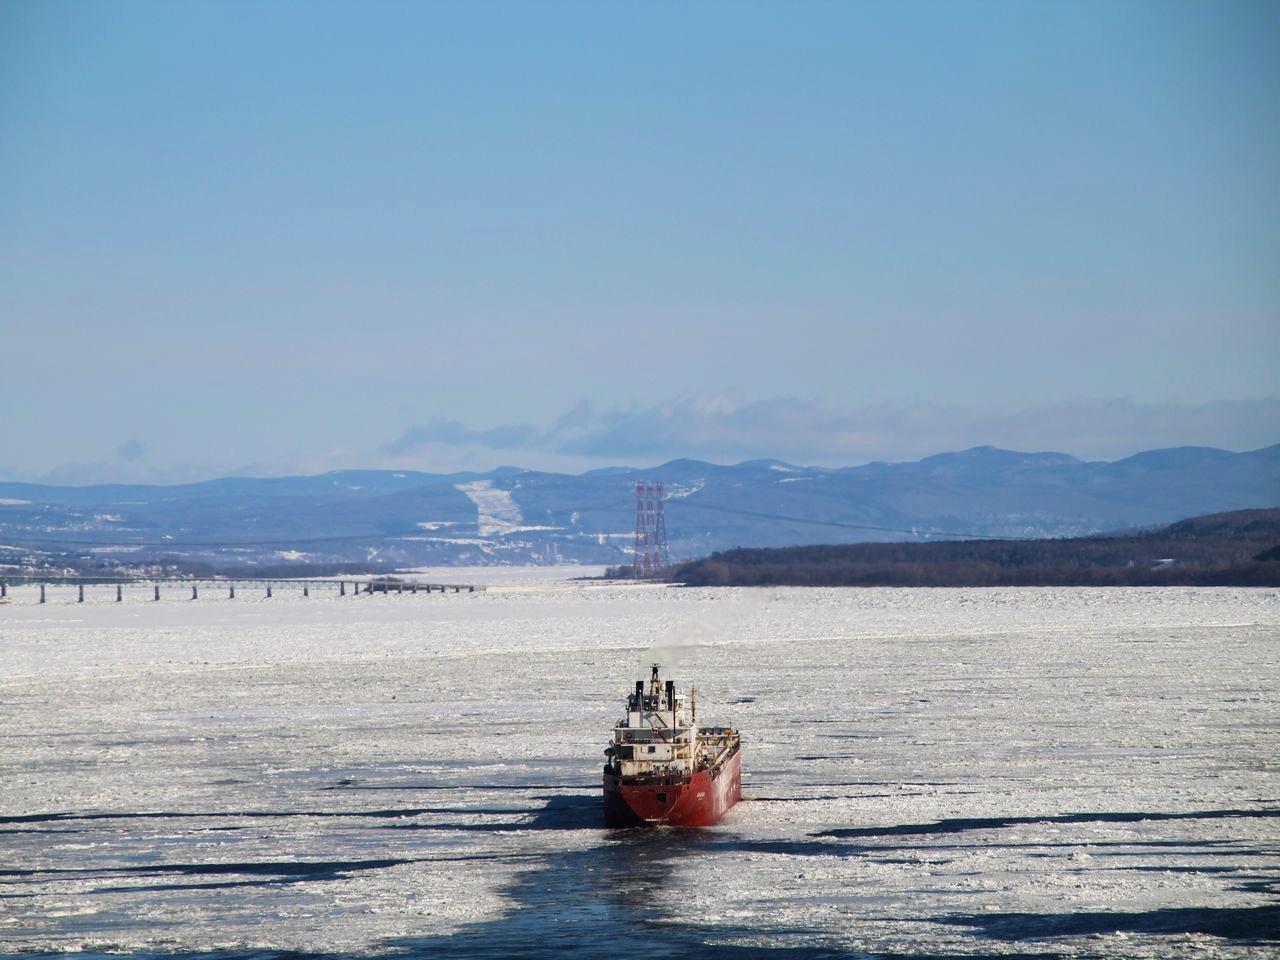 Barco cruzando el río Saint-Laurent de Quebec en pleno invierno.